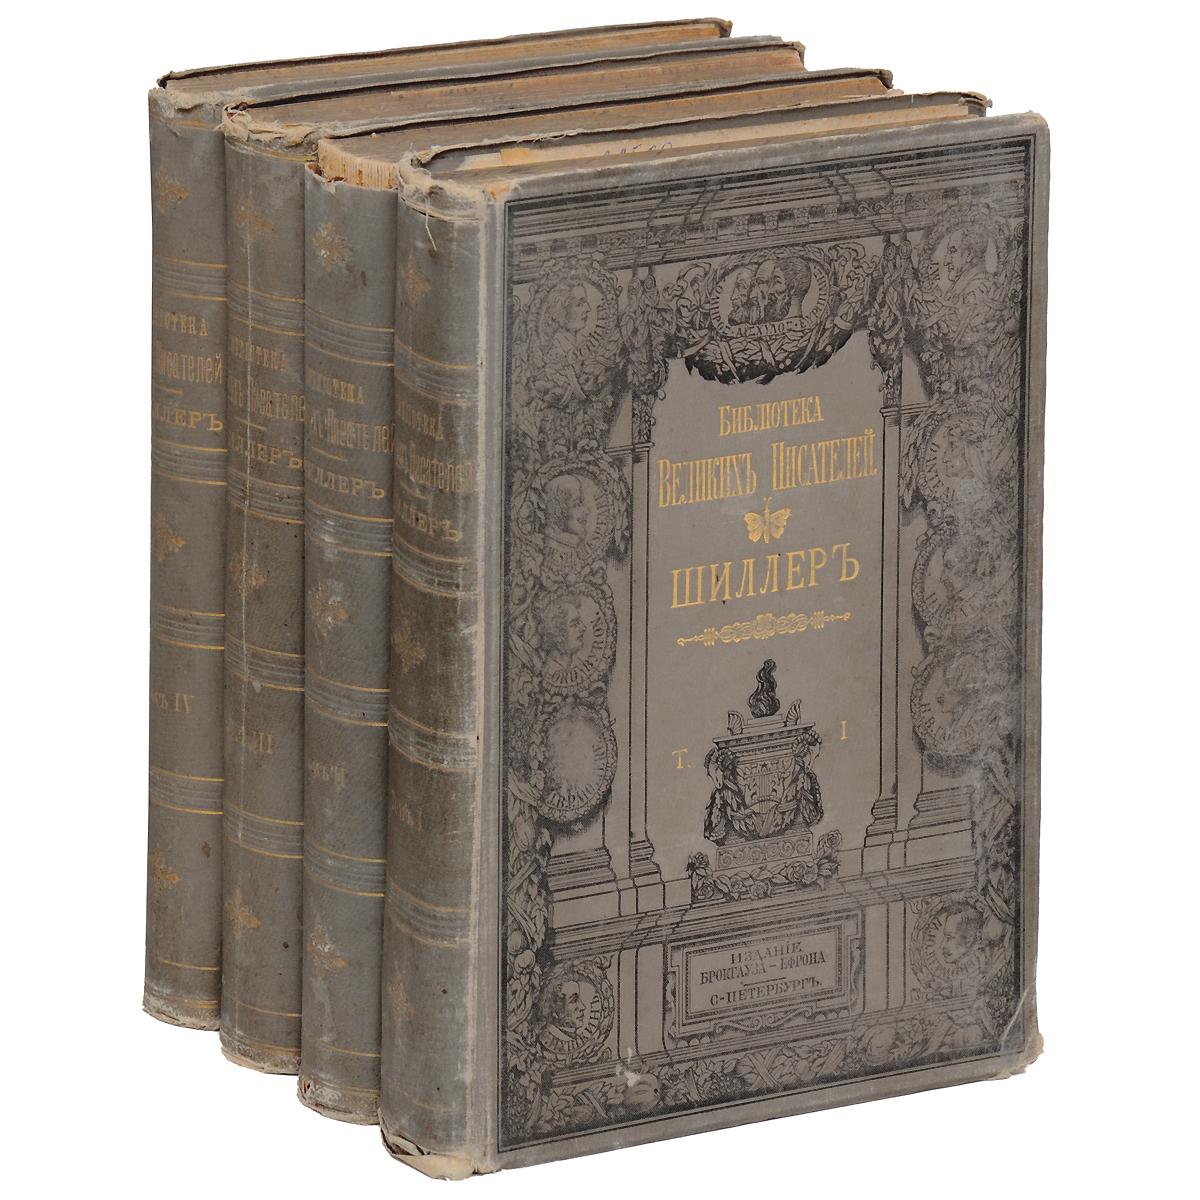 Ф. Шиллер. Собрание сочинений в 4 томах (комплект)